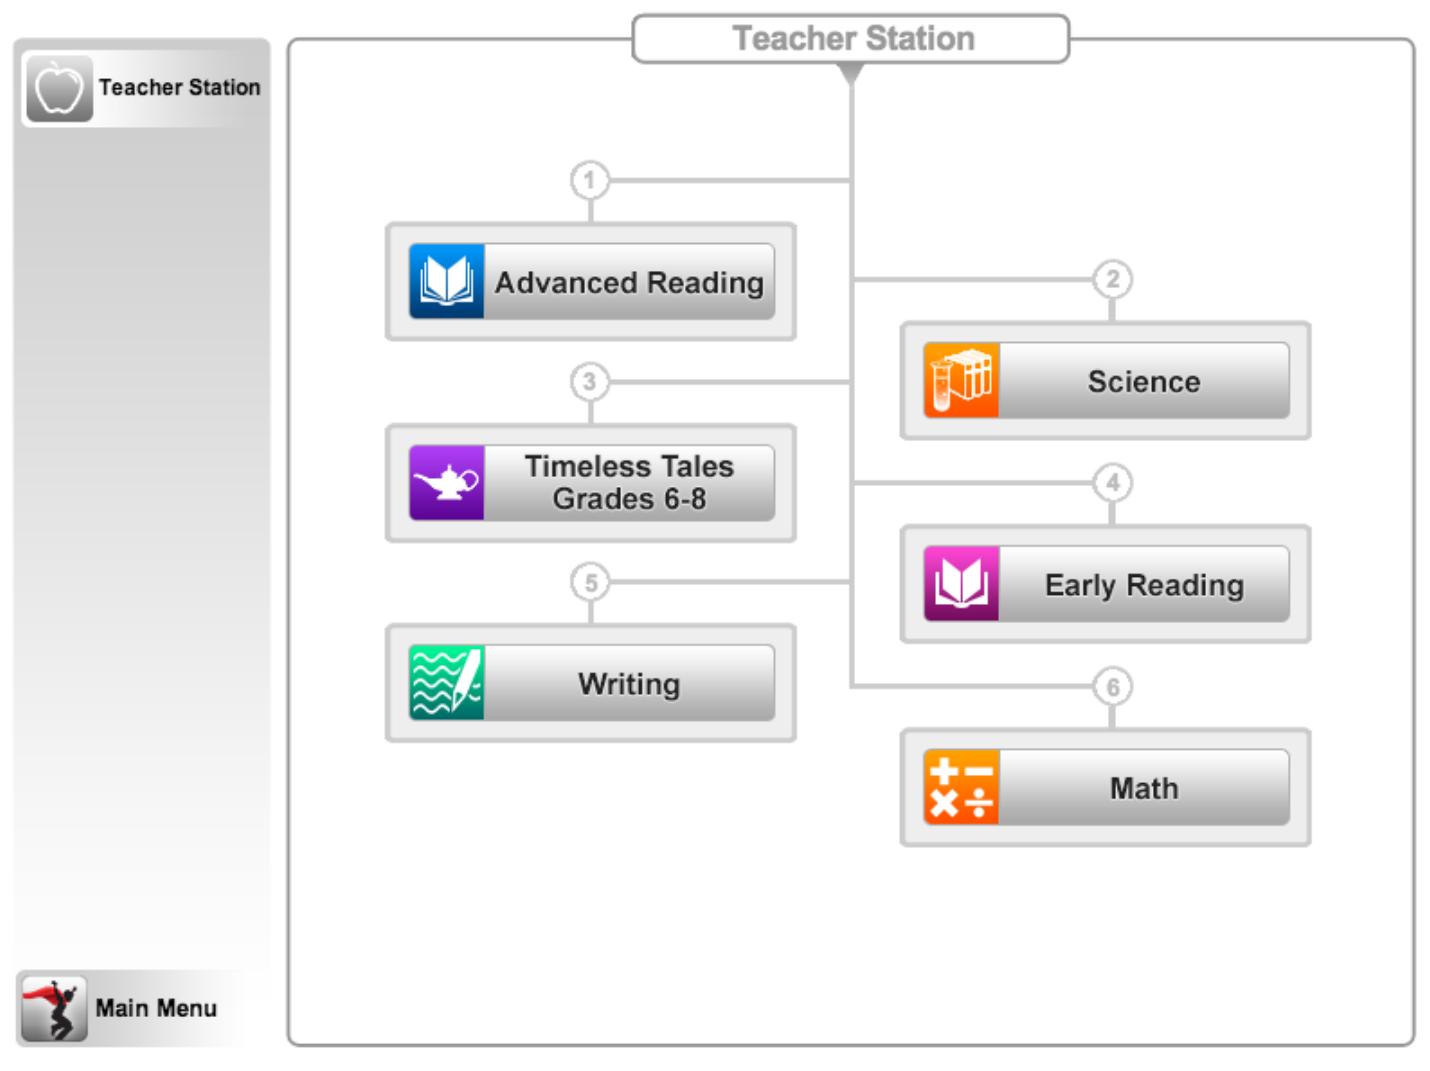 TeacherStationScreenShot